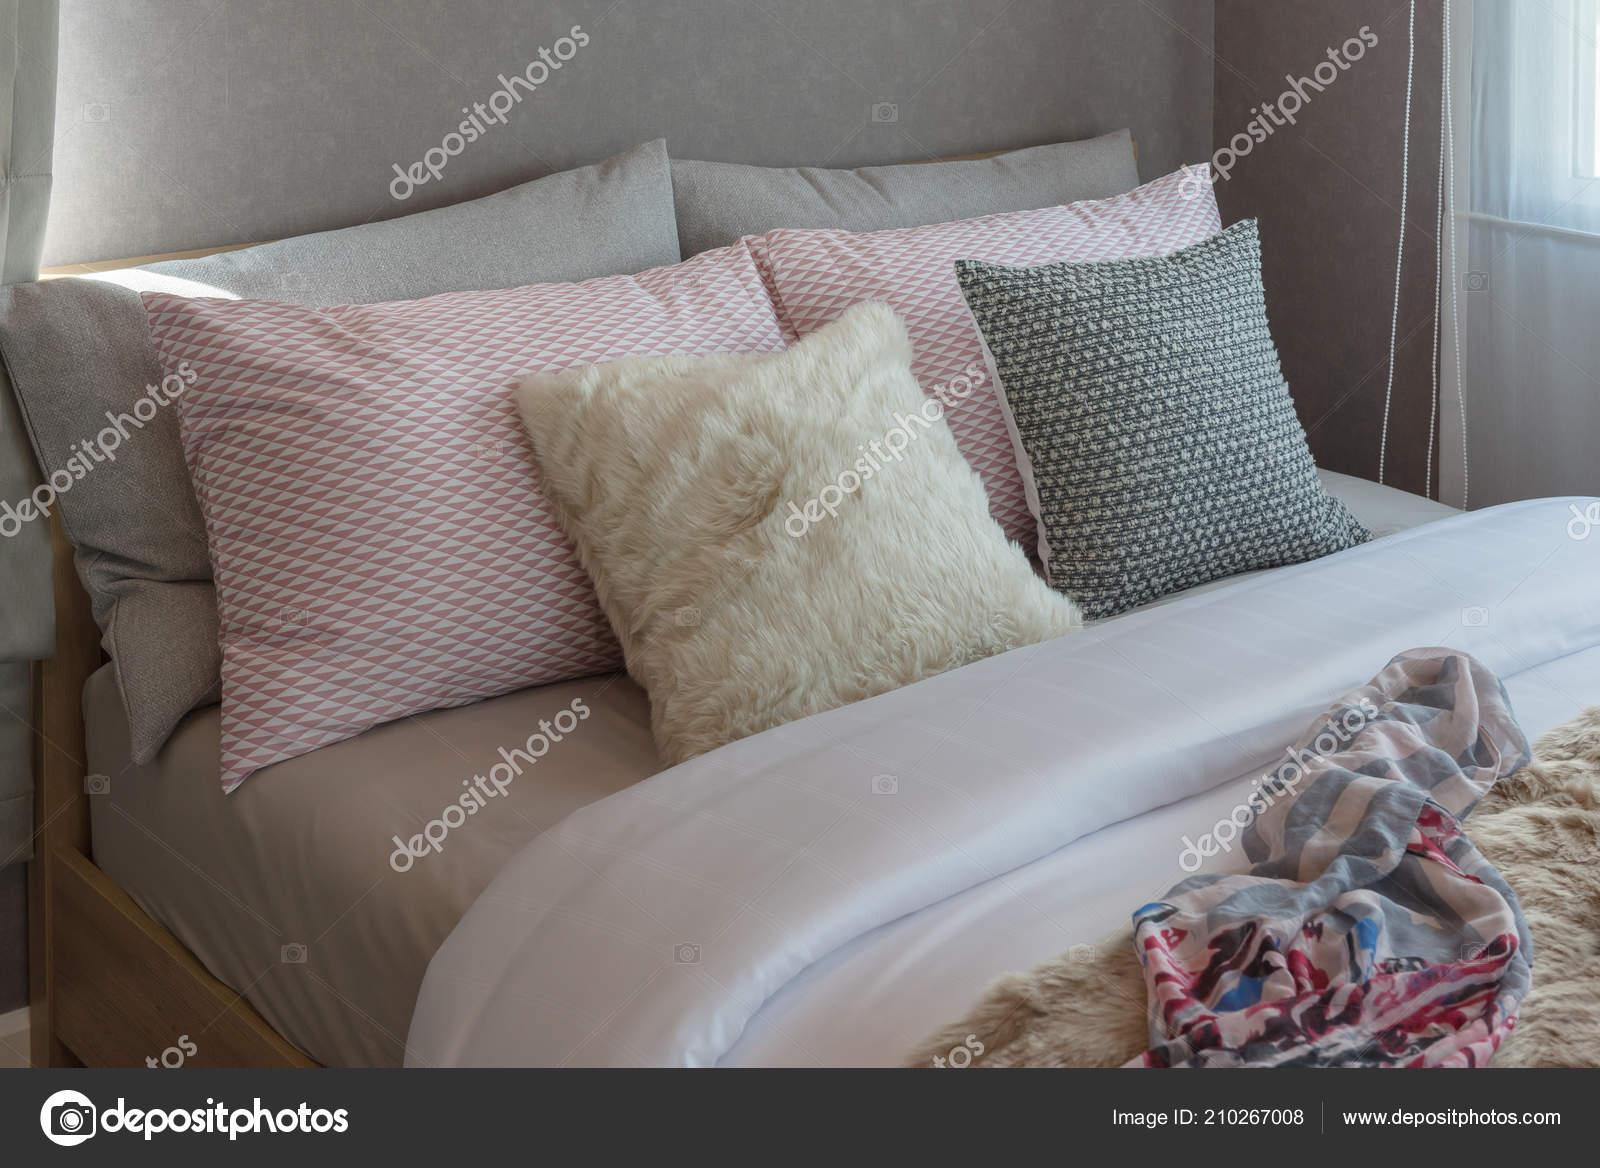 Gemütliches Schlafzimmer Mit Süßen Farbe Kissen Auf Bett